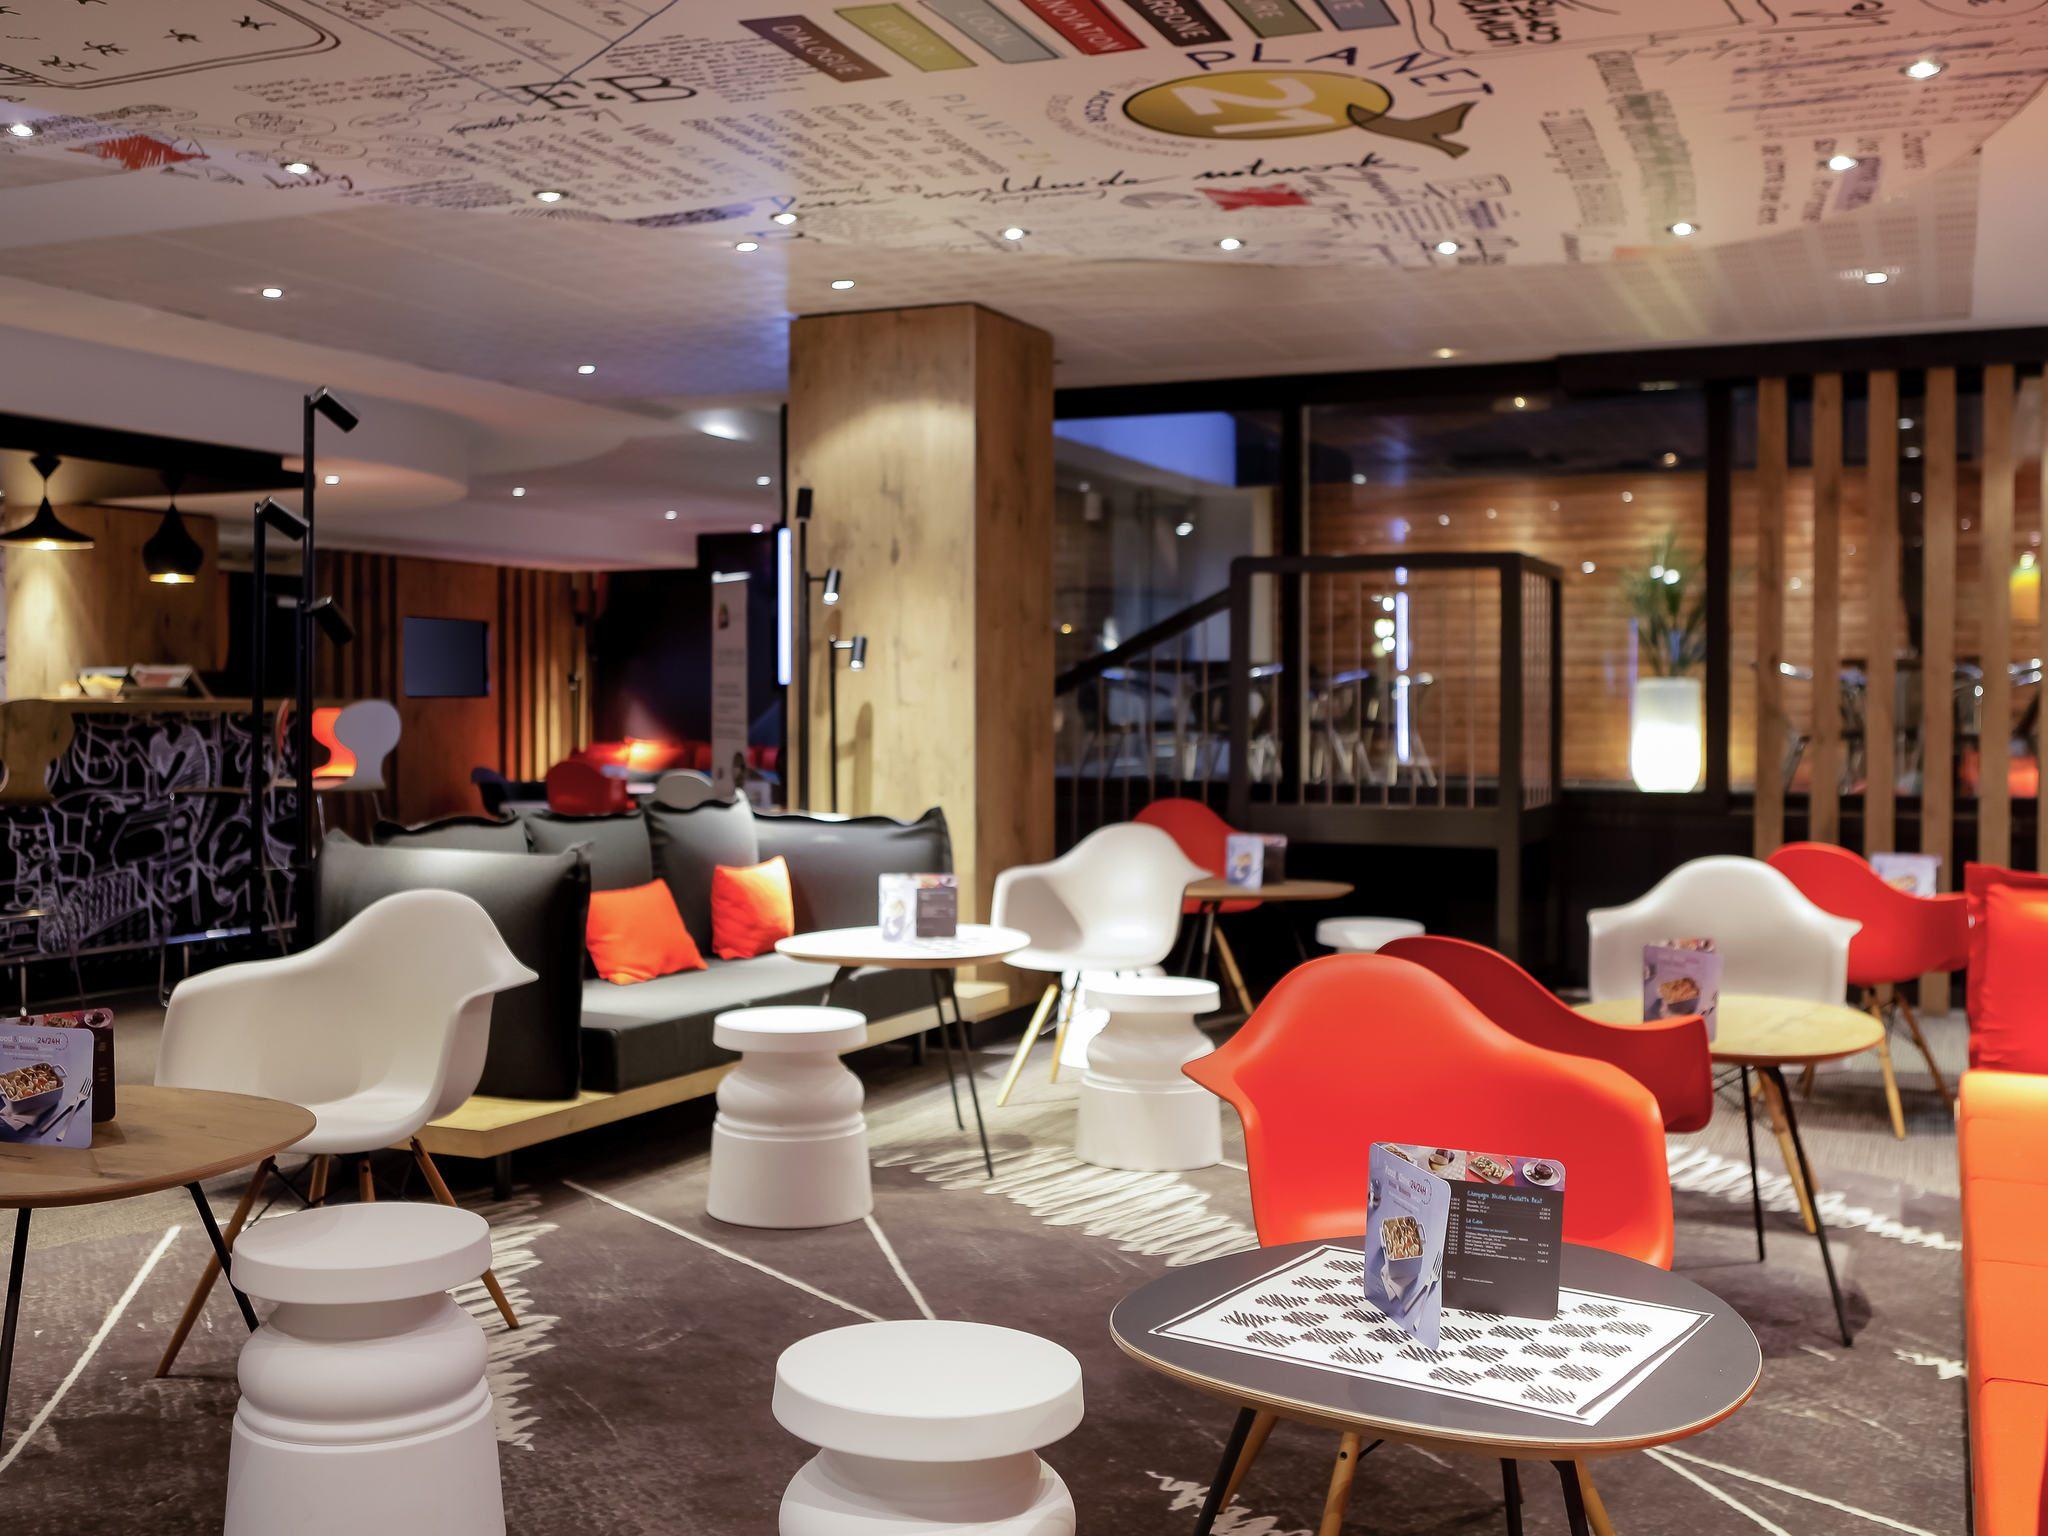 Lit Bebe 9 Magnifique Hotel In Lyon Ibis Lyon Gare La Part Dieu